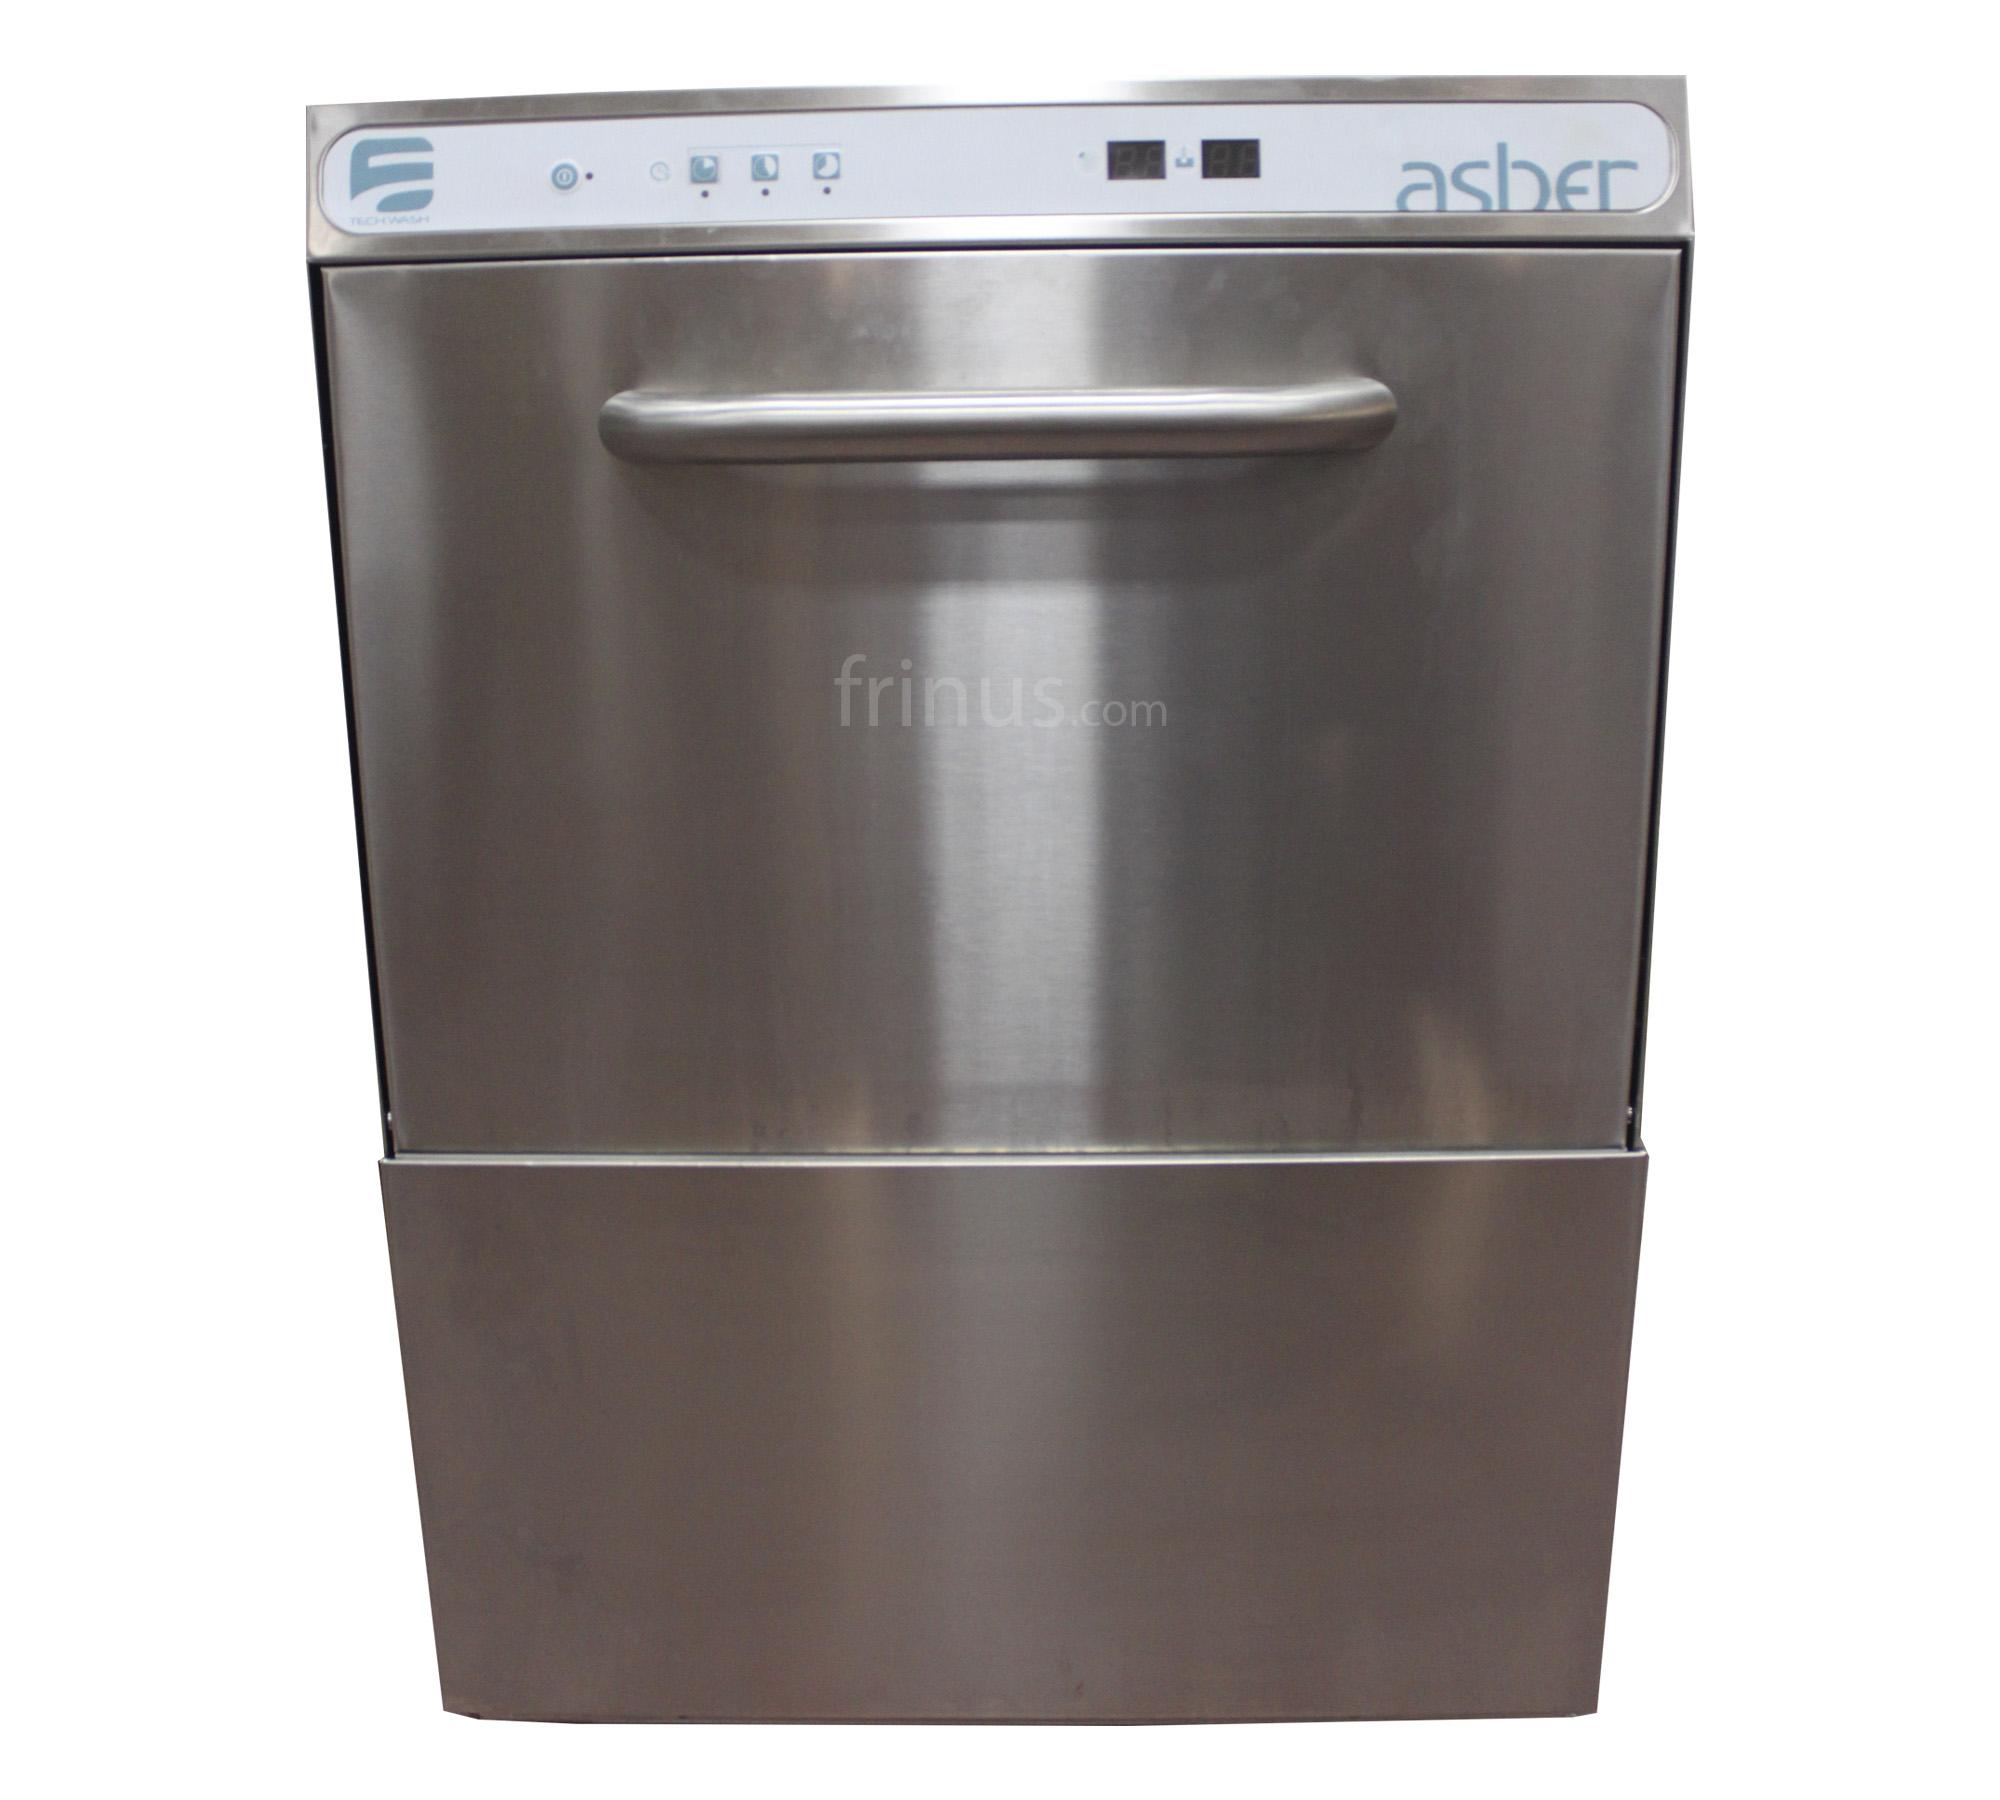 Lavavajillas de carga frontal asber maquinaria - Ofertas lavavajillas alcampo ...